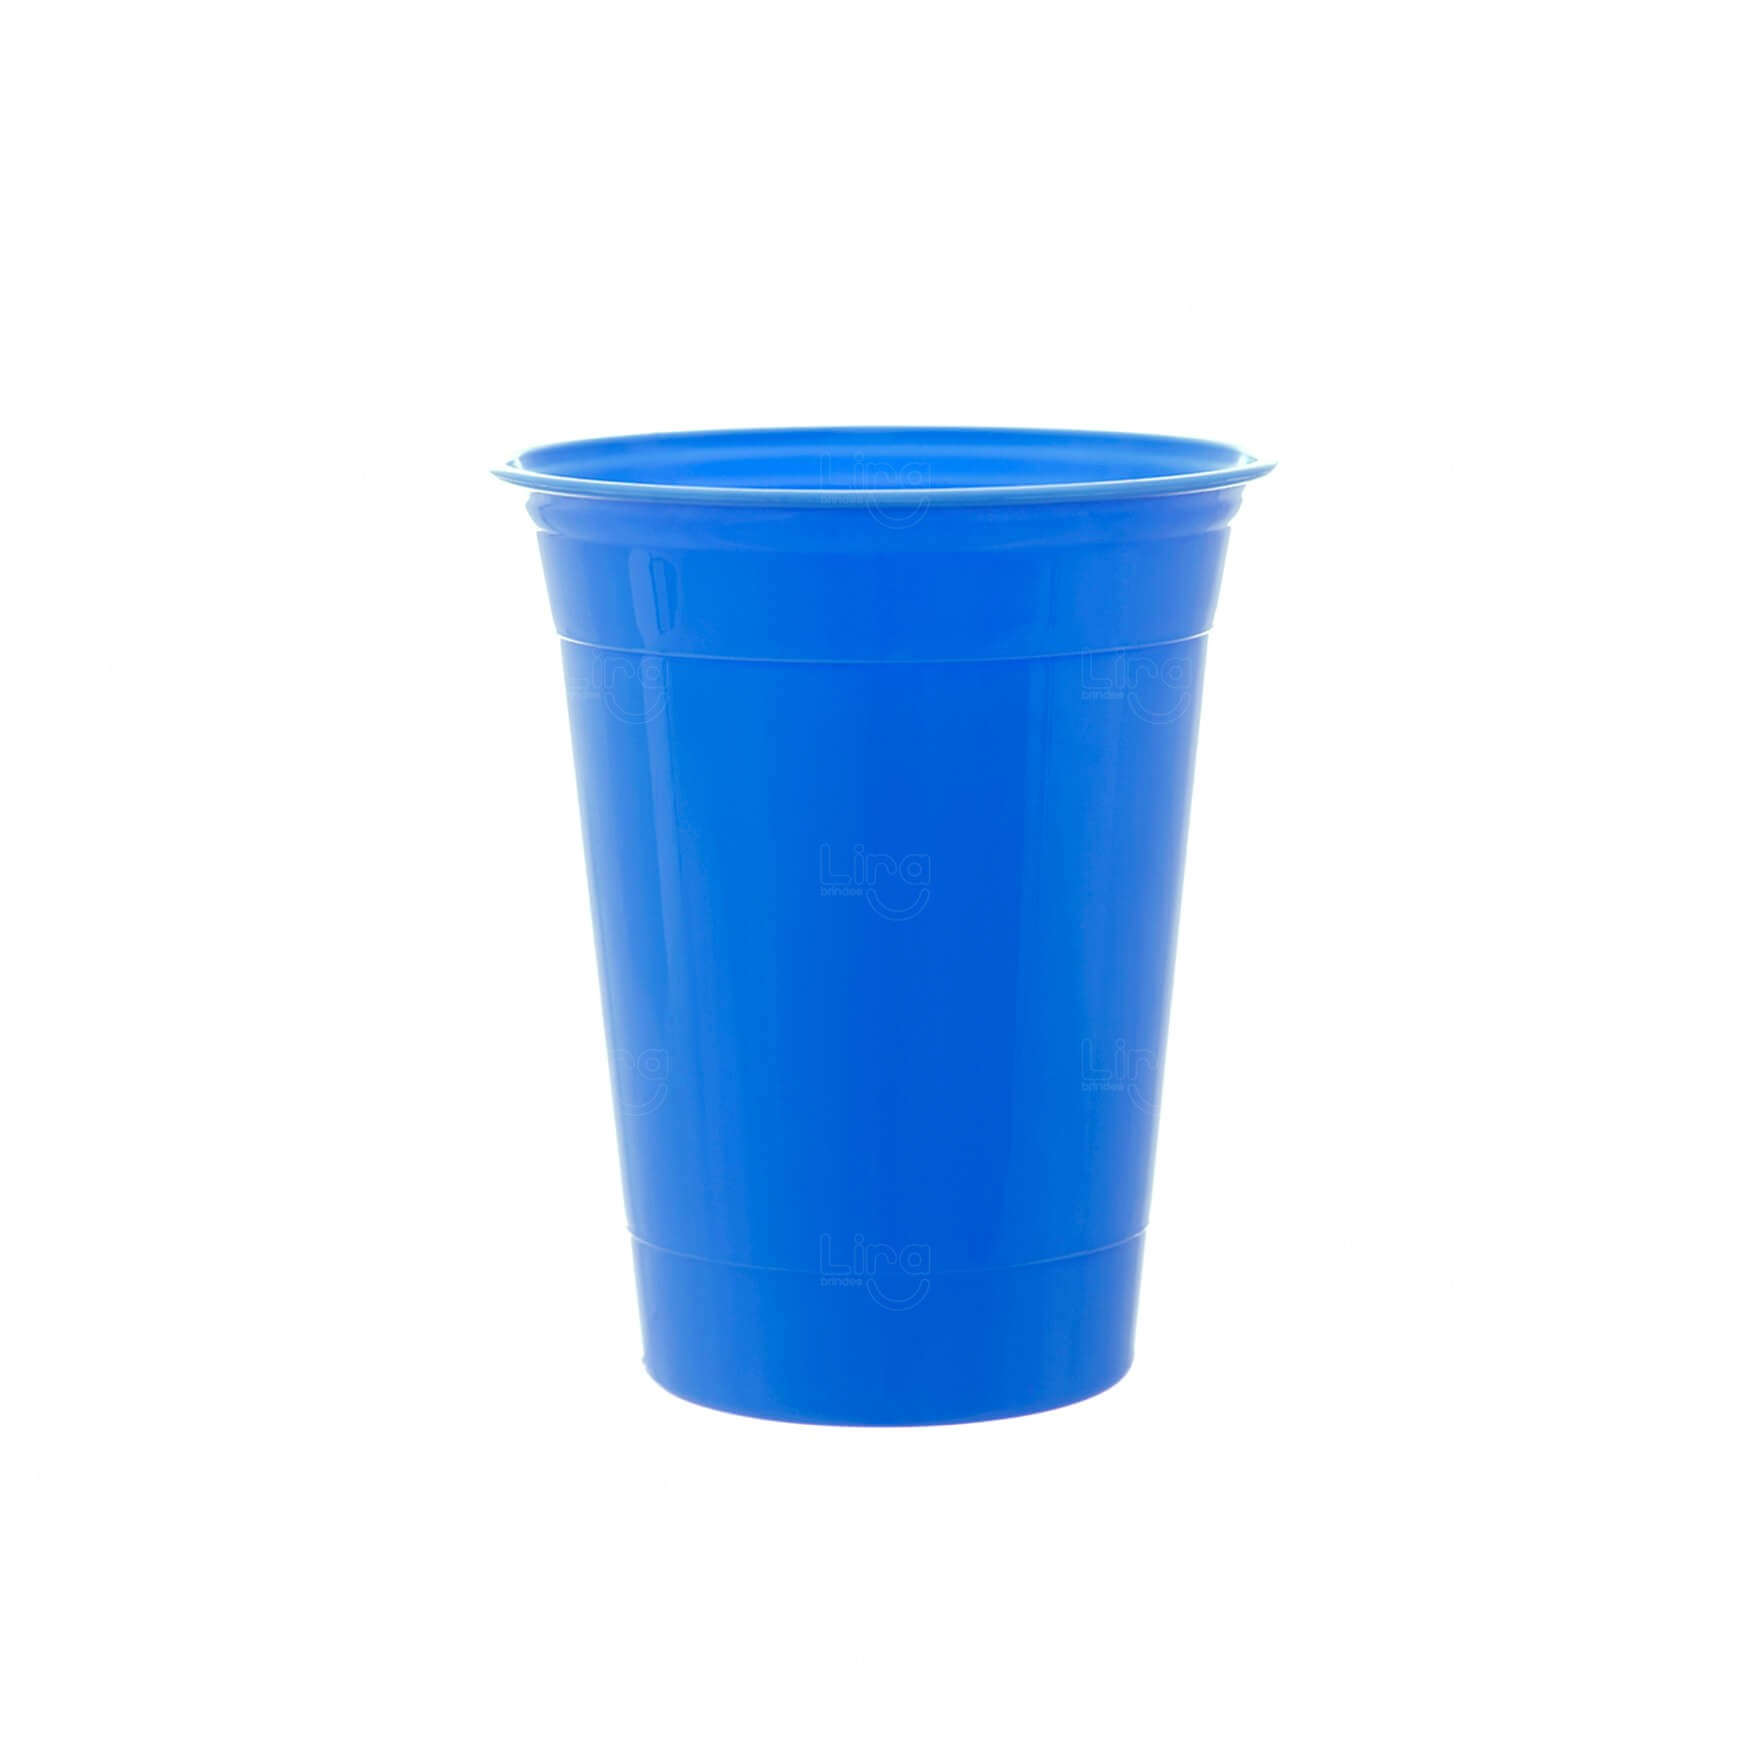 Copo P/ Festa Personalizado - 400ml Azul